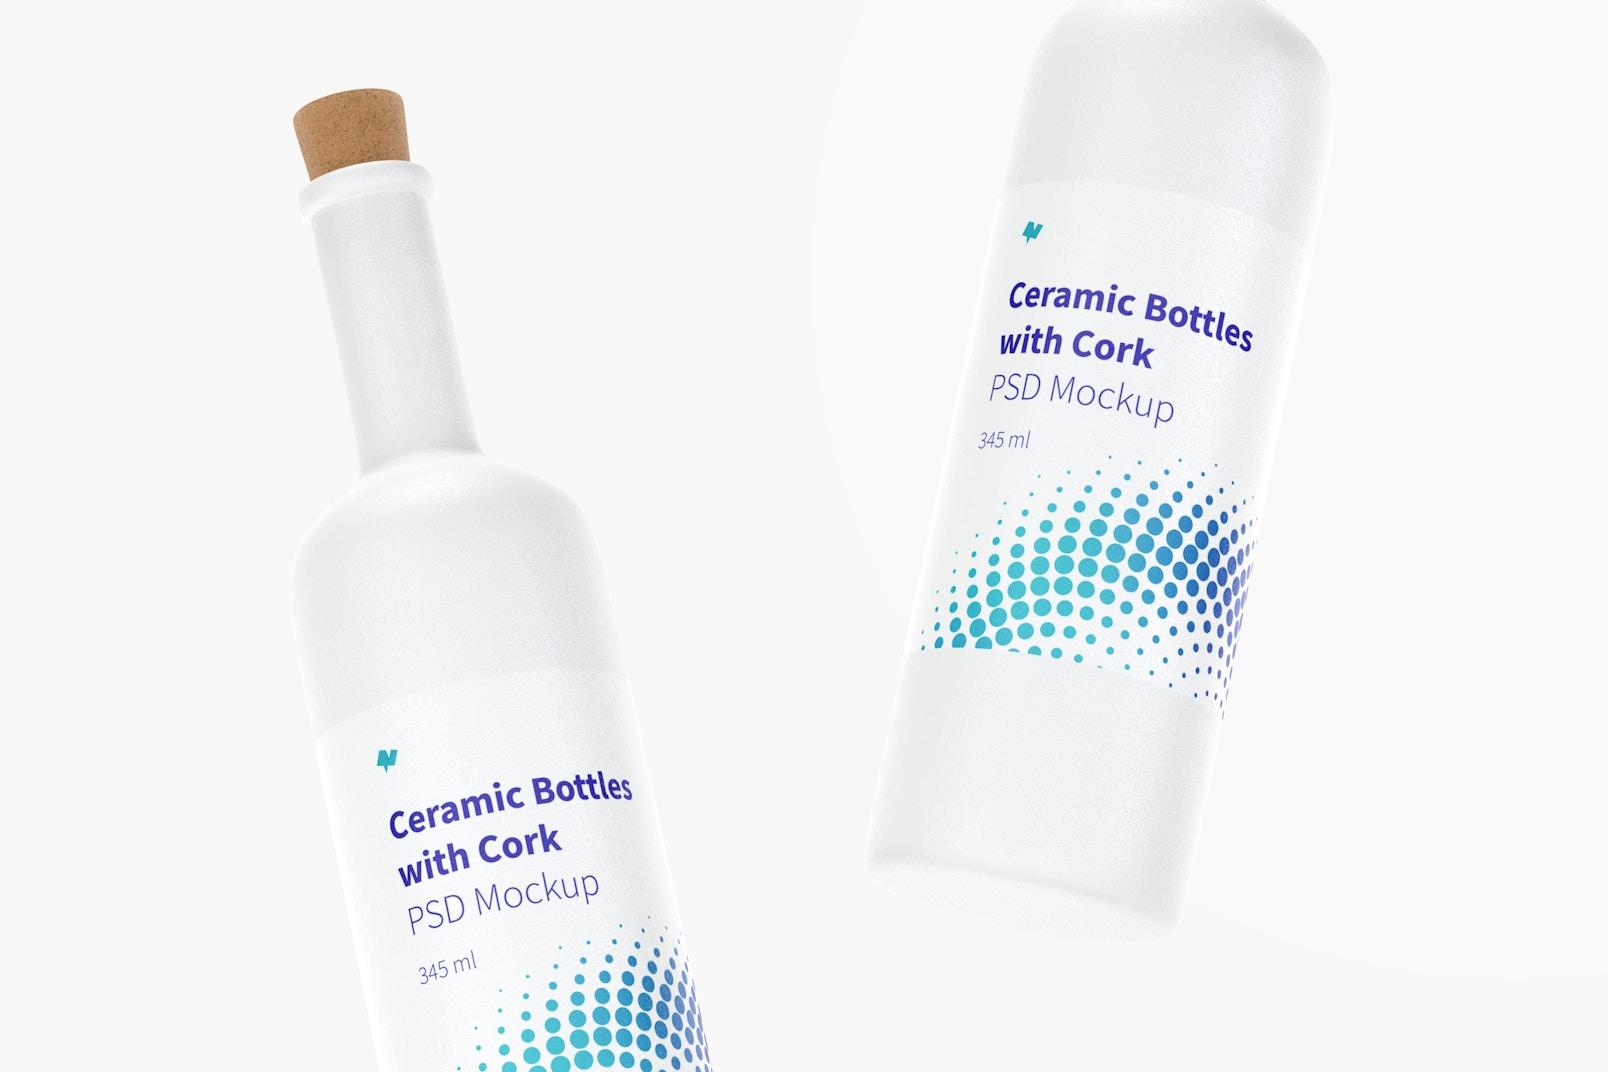 Maqueta de Botellas de Cerámica de Cuello Largo con Corcho, Flotando